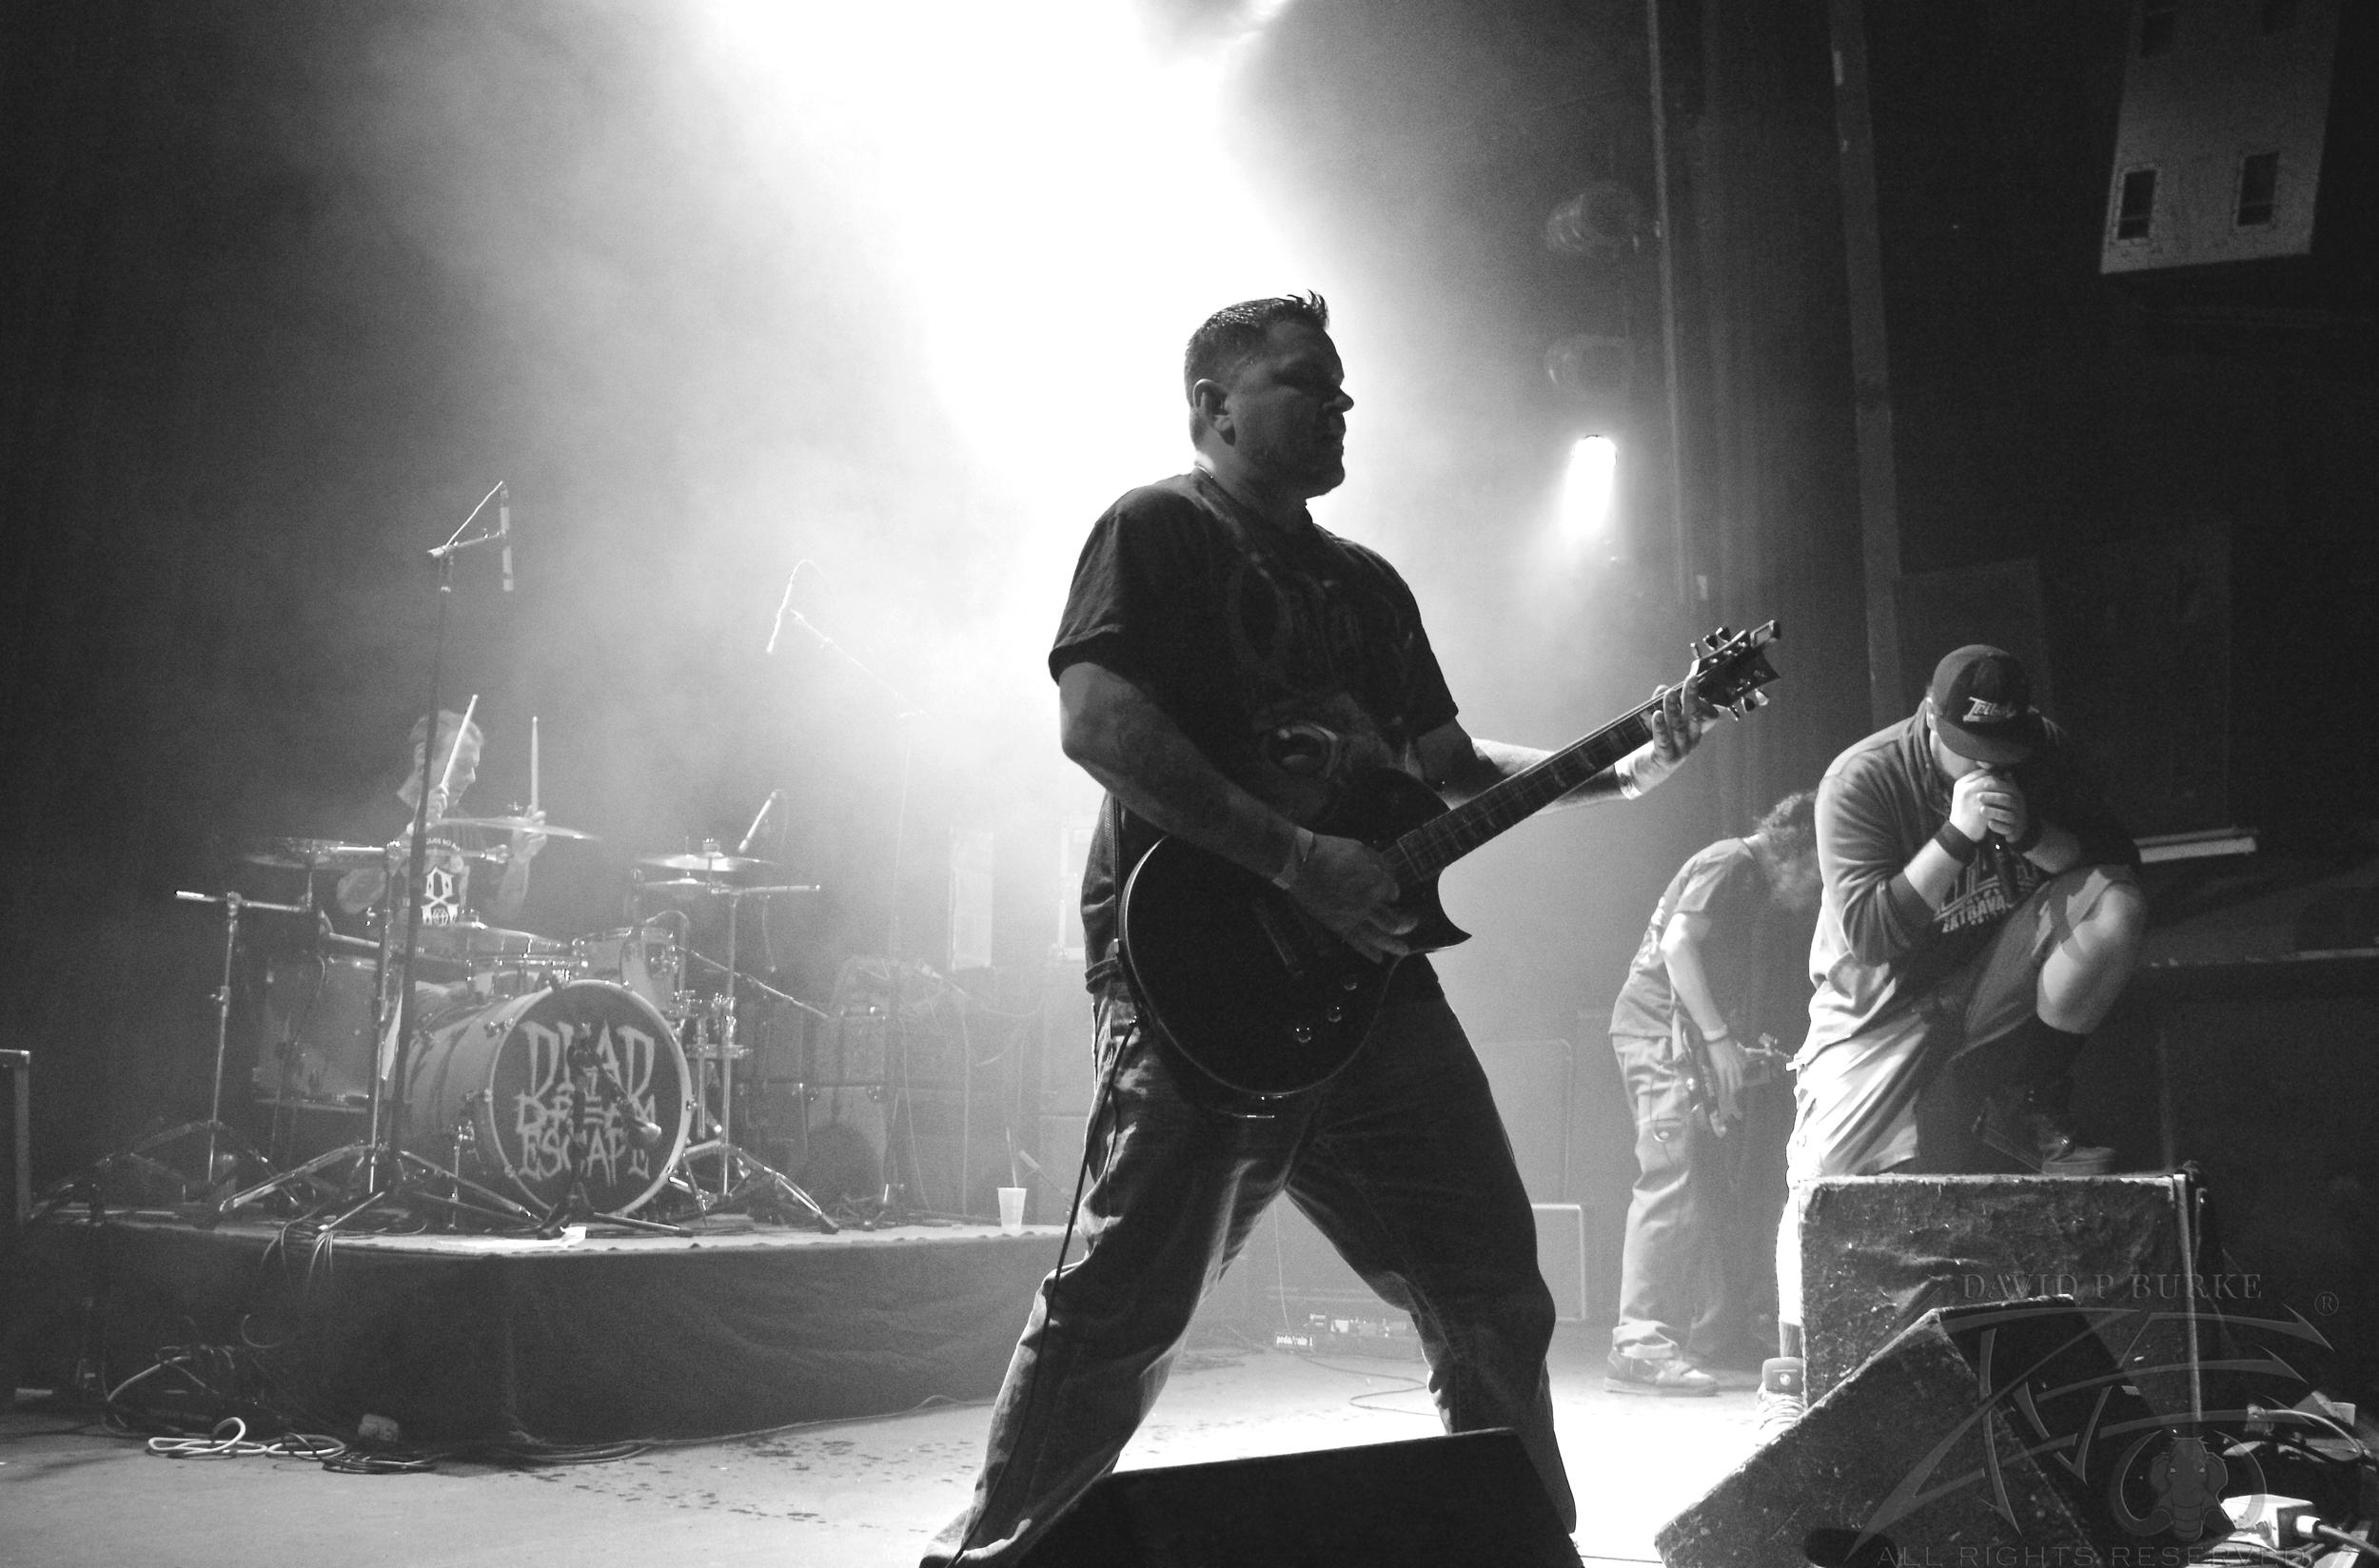 Dead Dream Escape's guitarist Joey Ramone  photo: David Burke